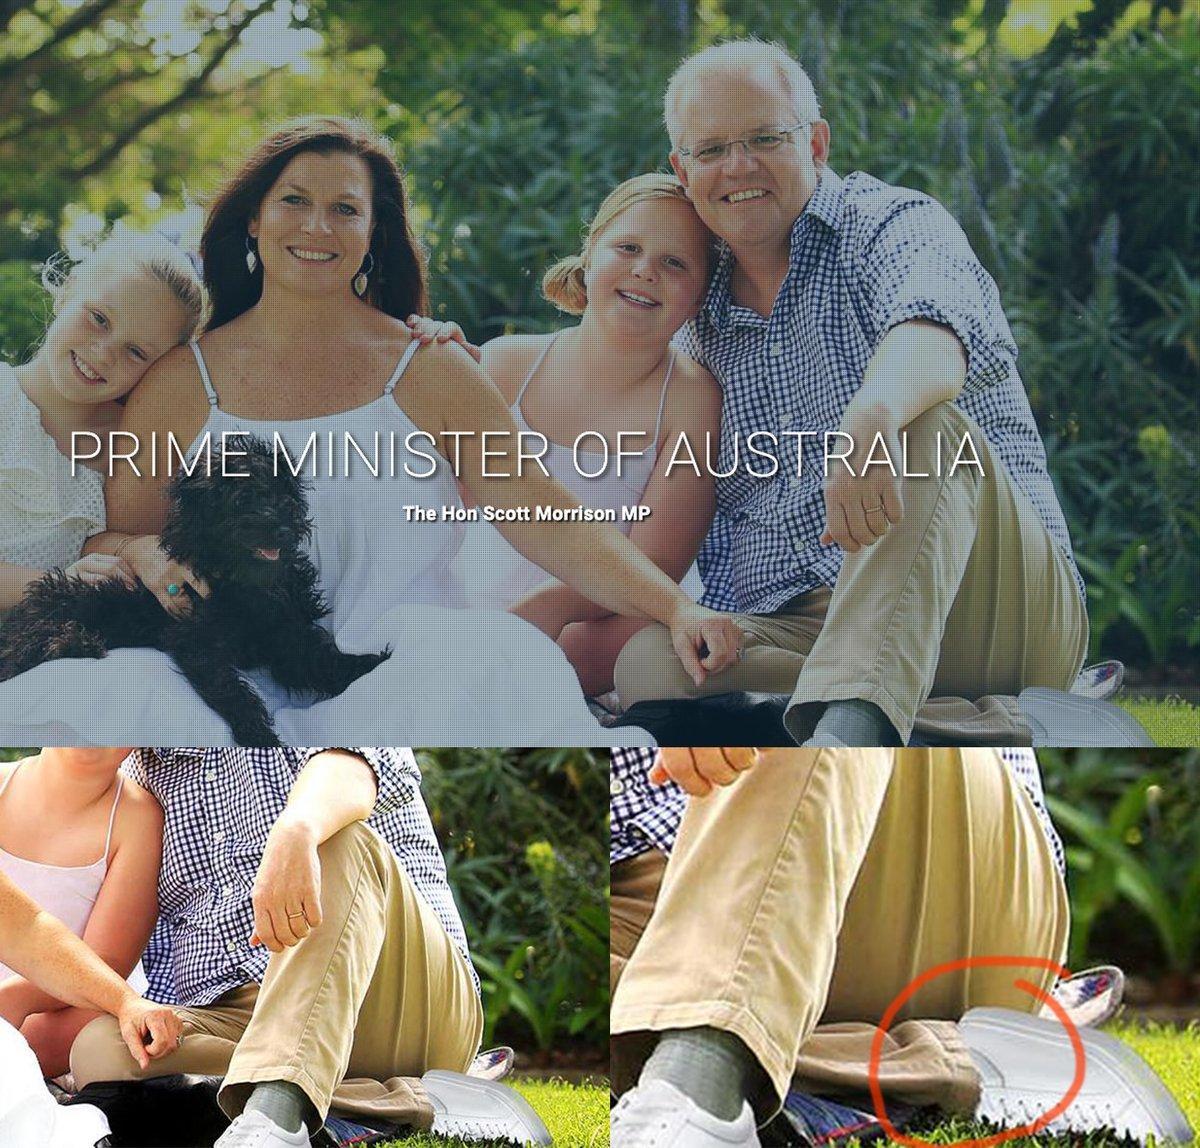 Соцсети нашли странное фото на сайте премьера Австралии / Twitter - @lukerhn